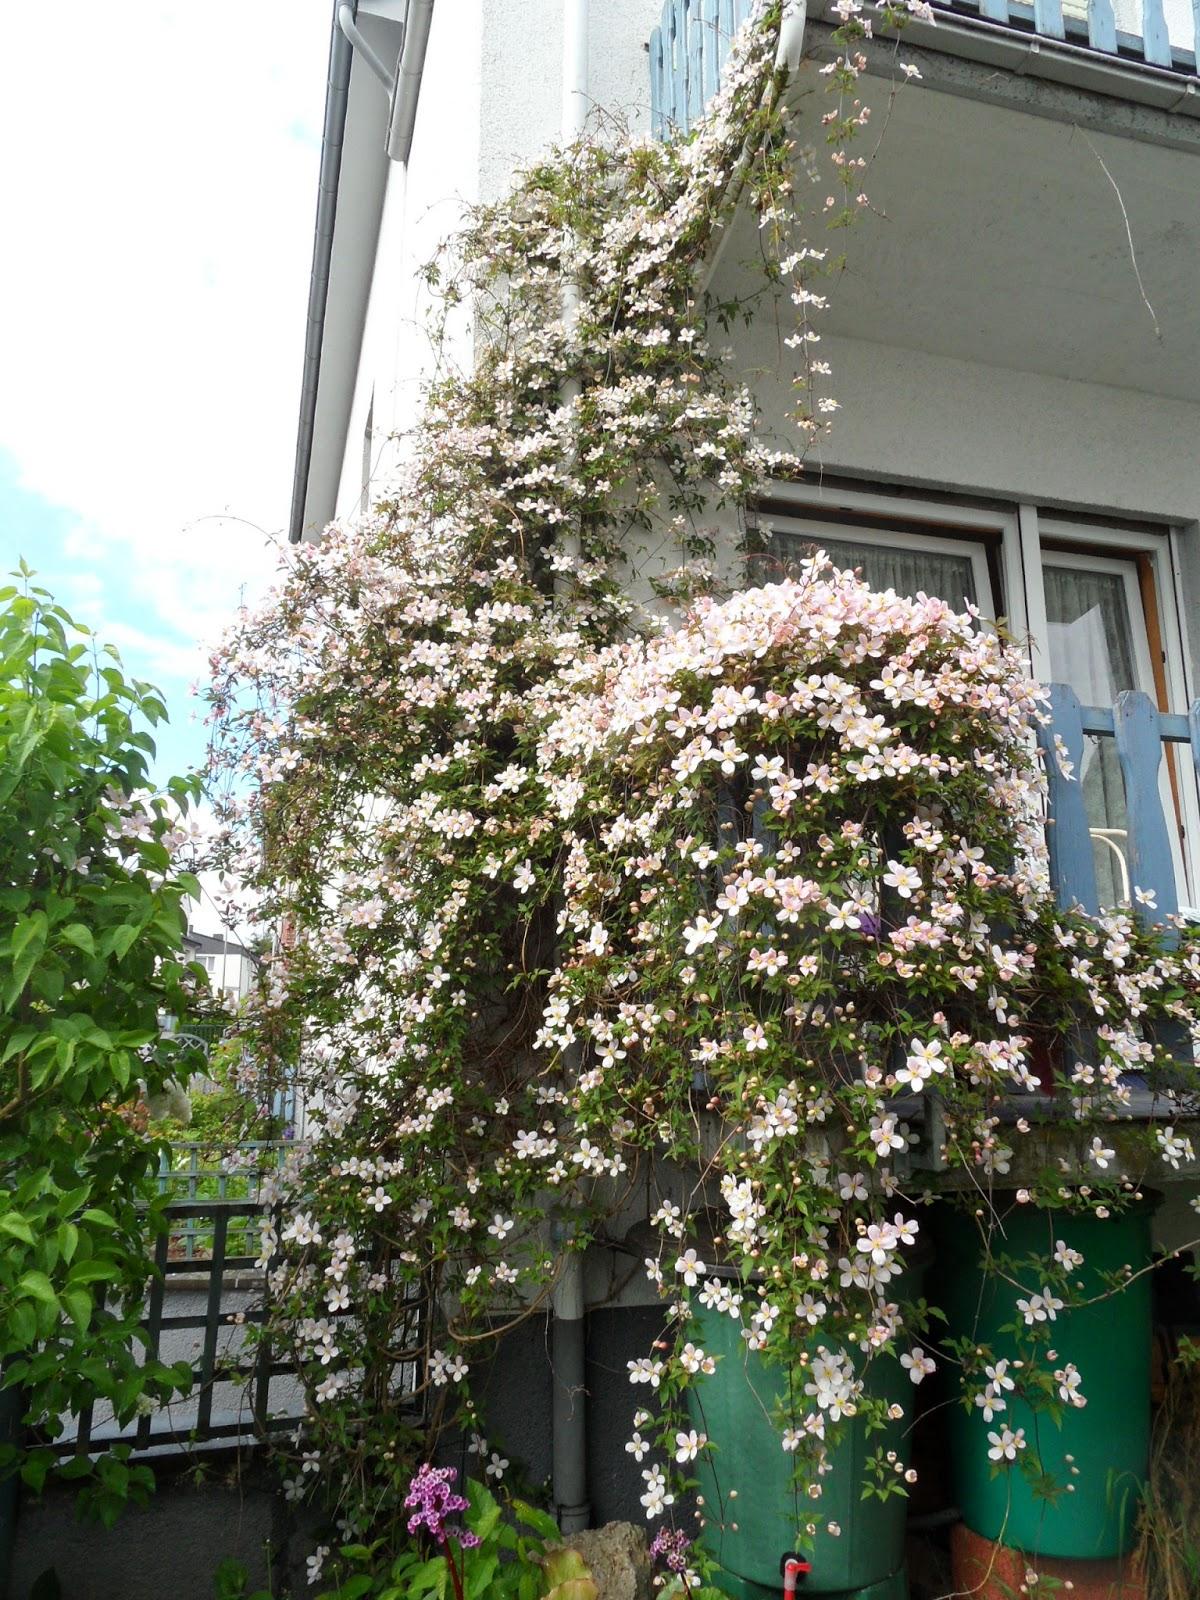 Annes kreativ blog es ist so weit for Balkon baum winterhart